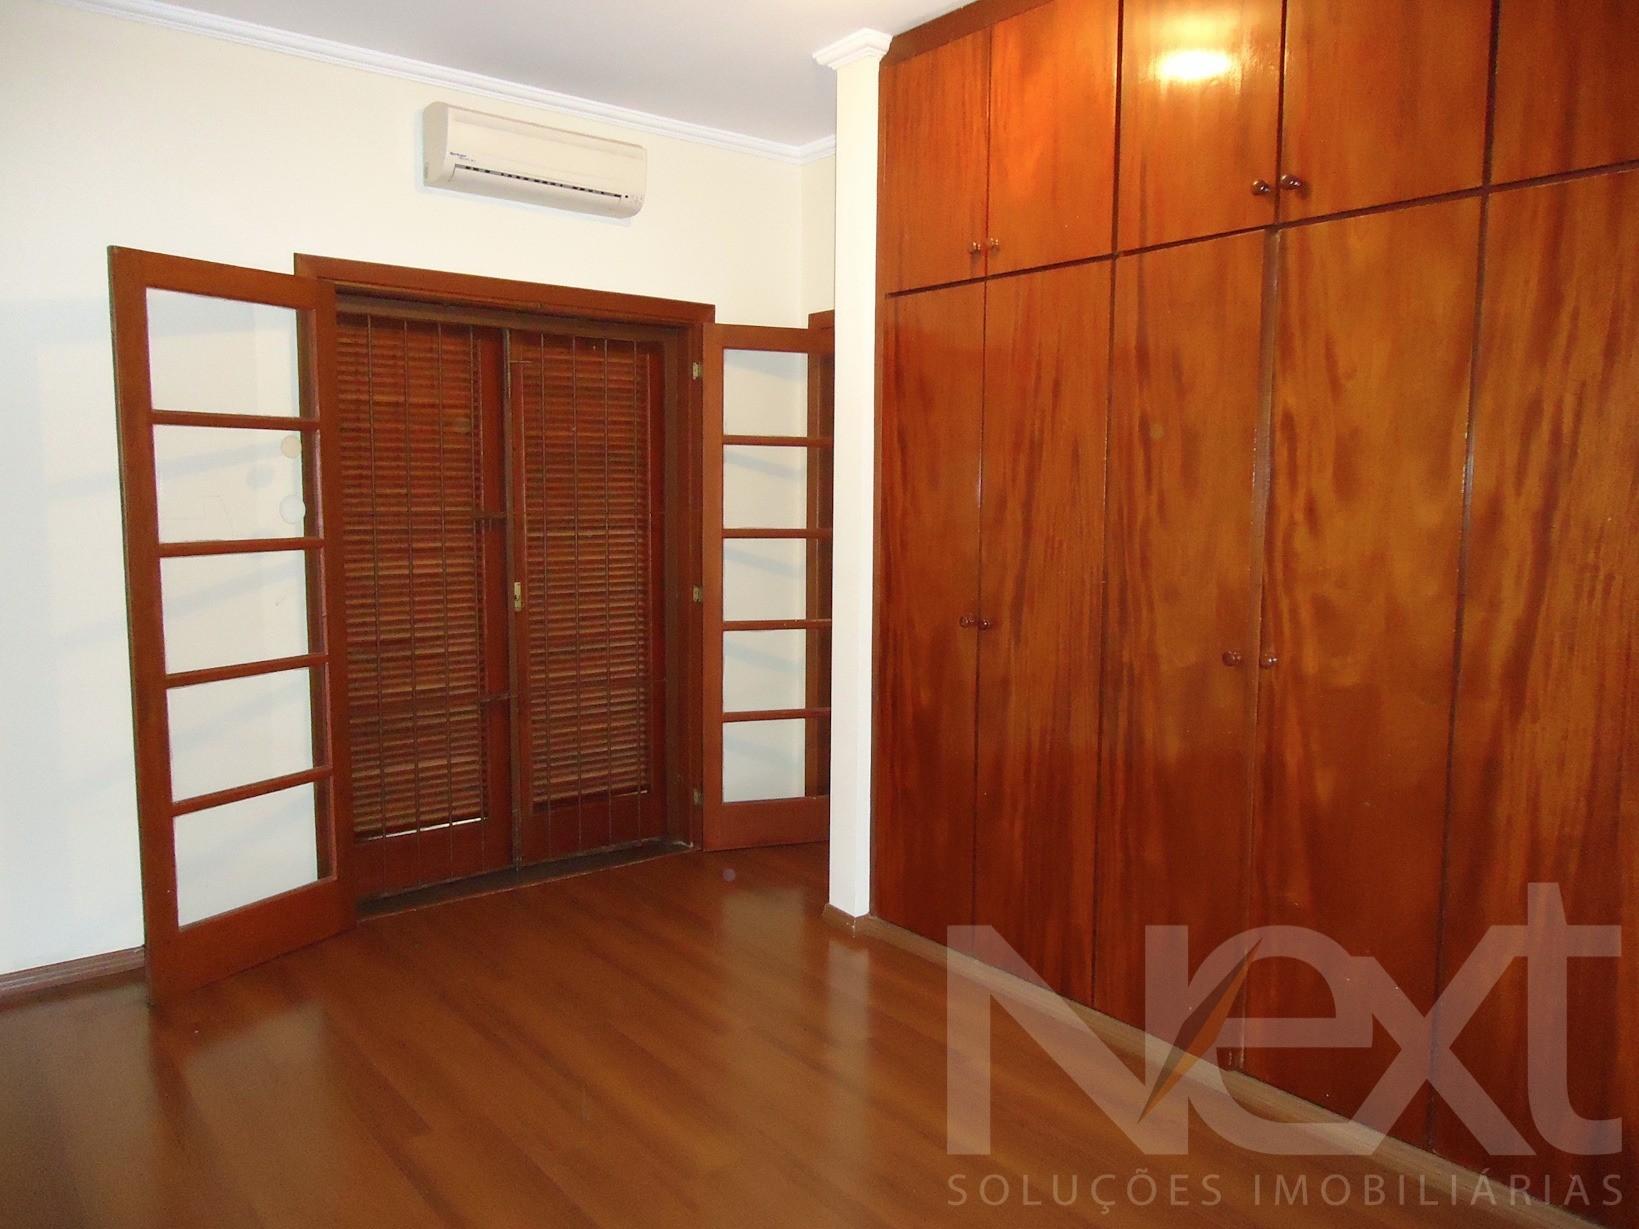 Condomínio de 4 dormitórios à venda em Bairro Das Palmeiras, Campinas - SP